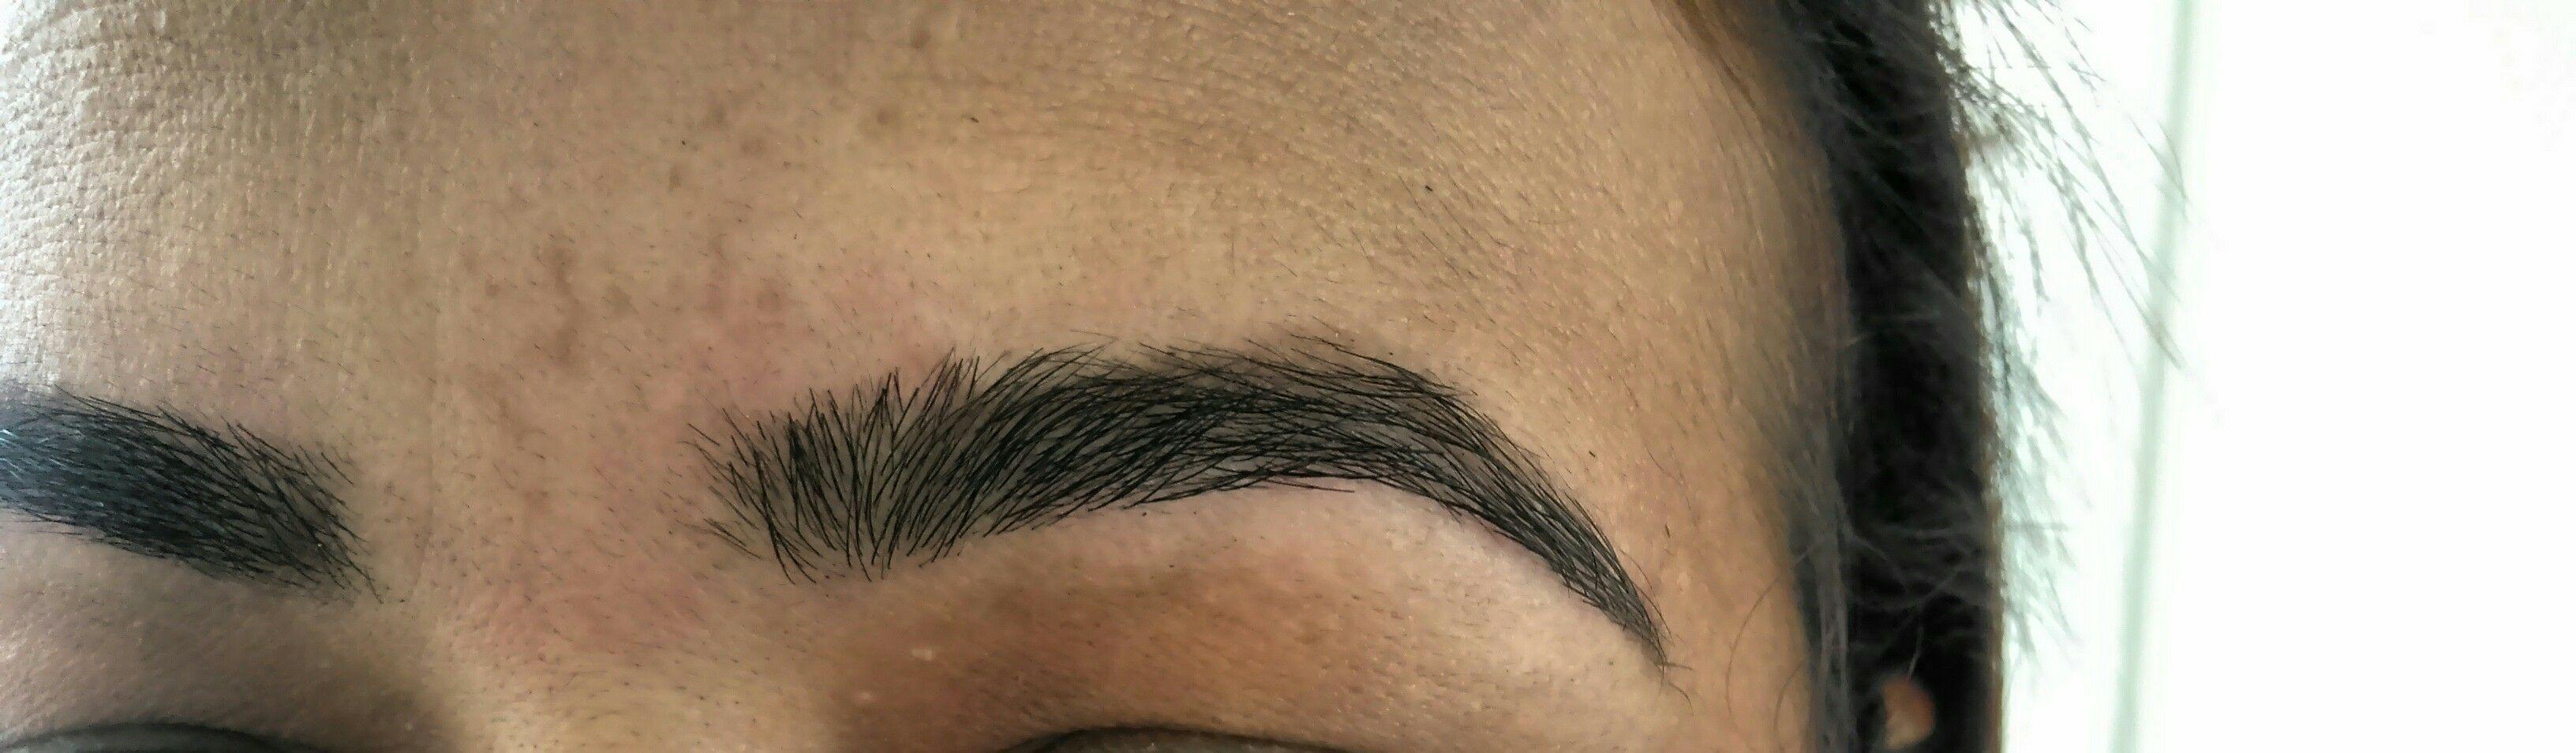 micropigmentador(a) depilador(a) designer de sobrancelhas